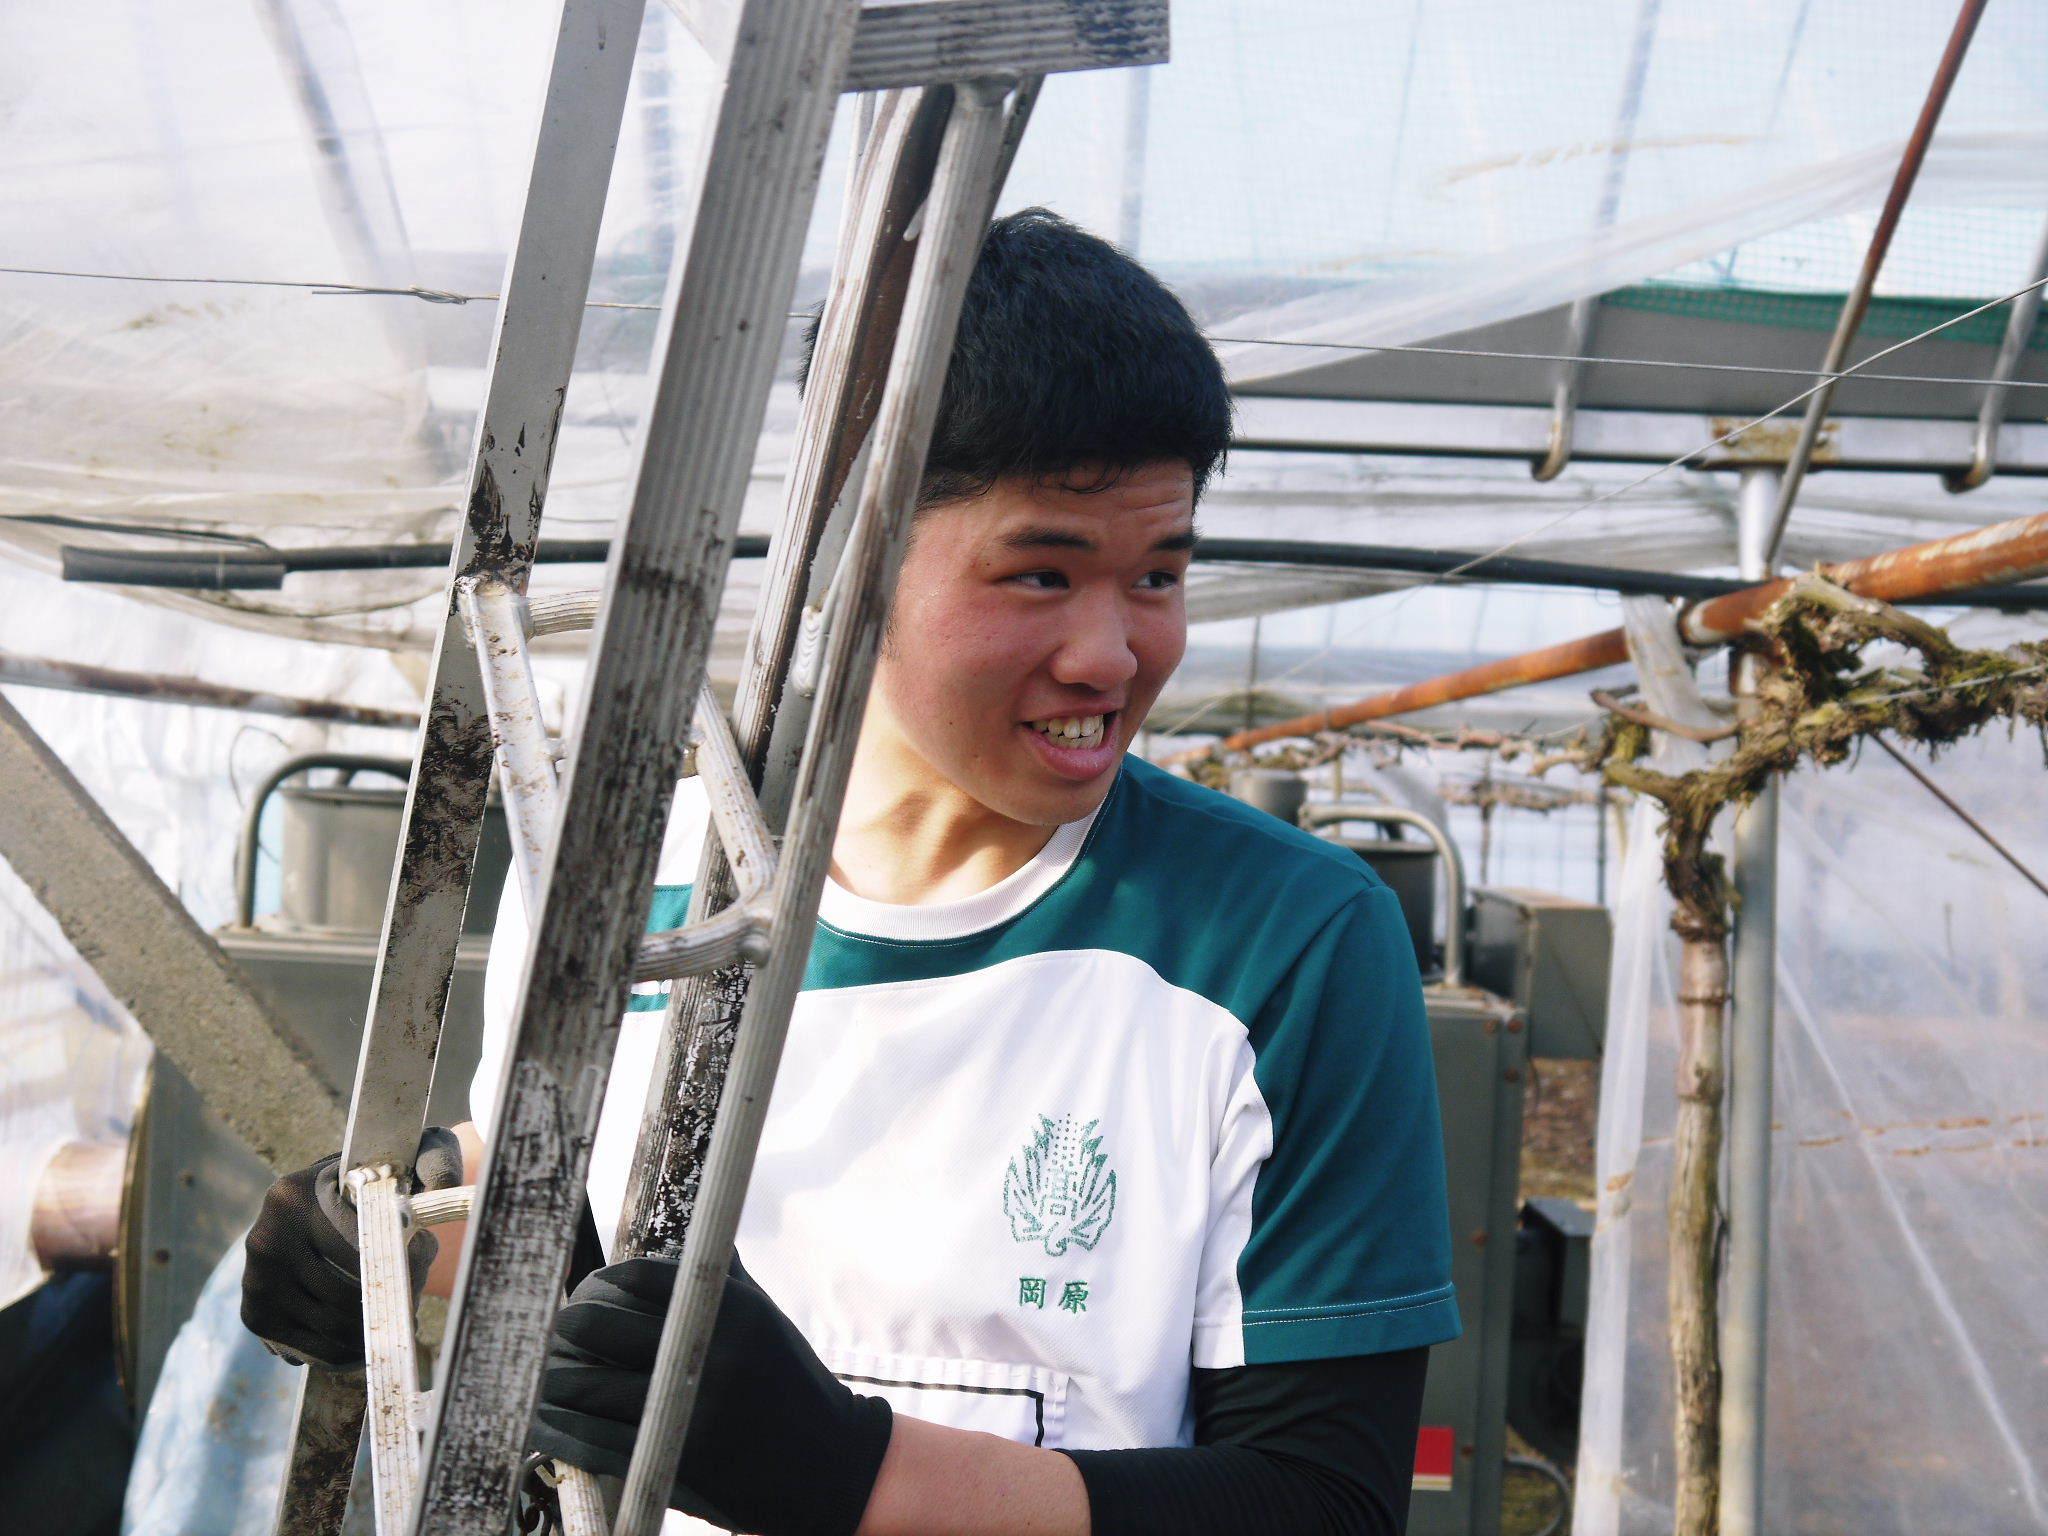 熊本ぶどう 社方園 ハウスの内張り作業を熊本農業高校からの農業実習と共に行っています(2020)後編_a0254656_17030417.jpg